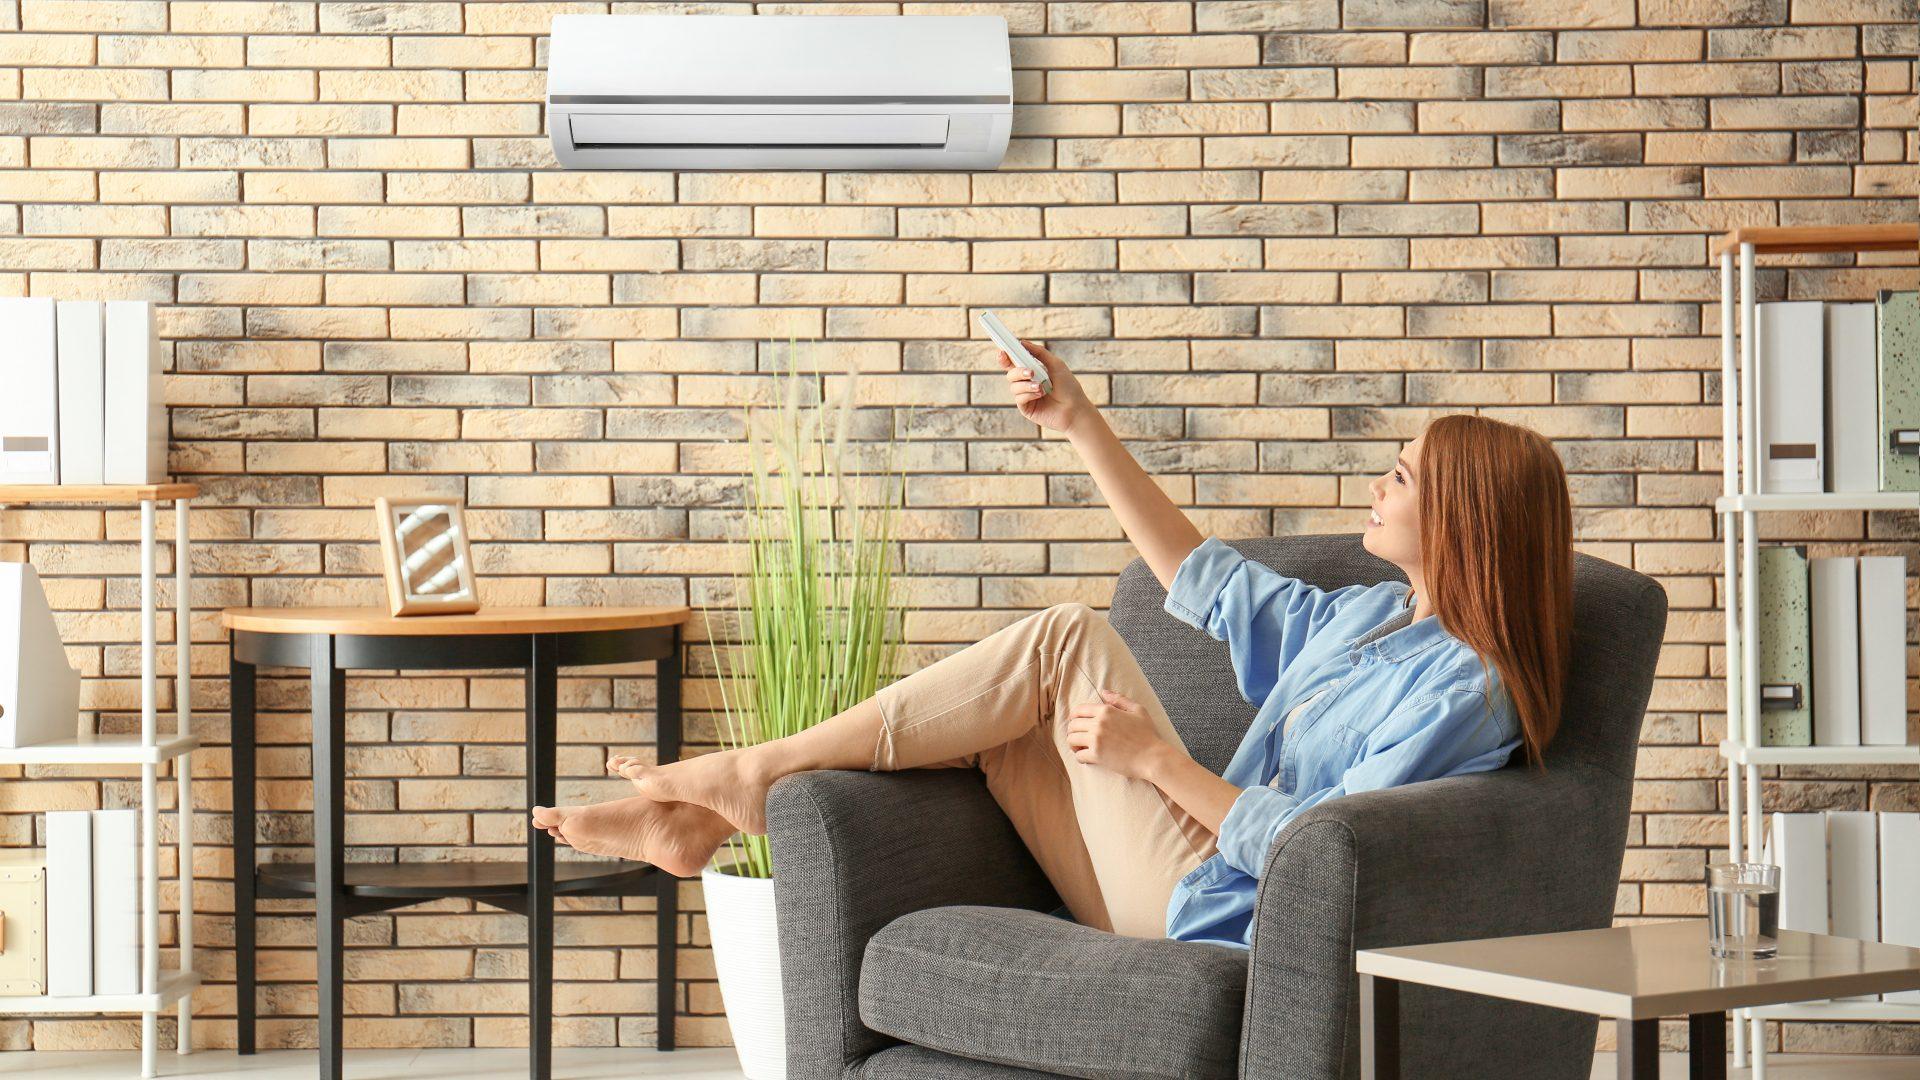 junge barfüßige Frau schaltet die Klimaanlage ein während sie zuhause auf ihrem Sofa sitzt